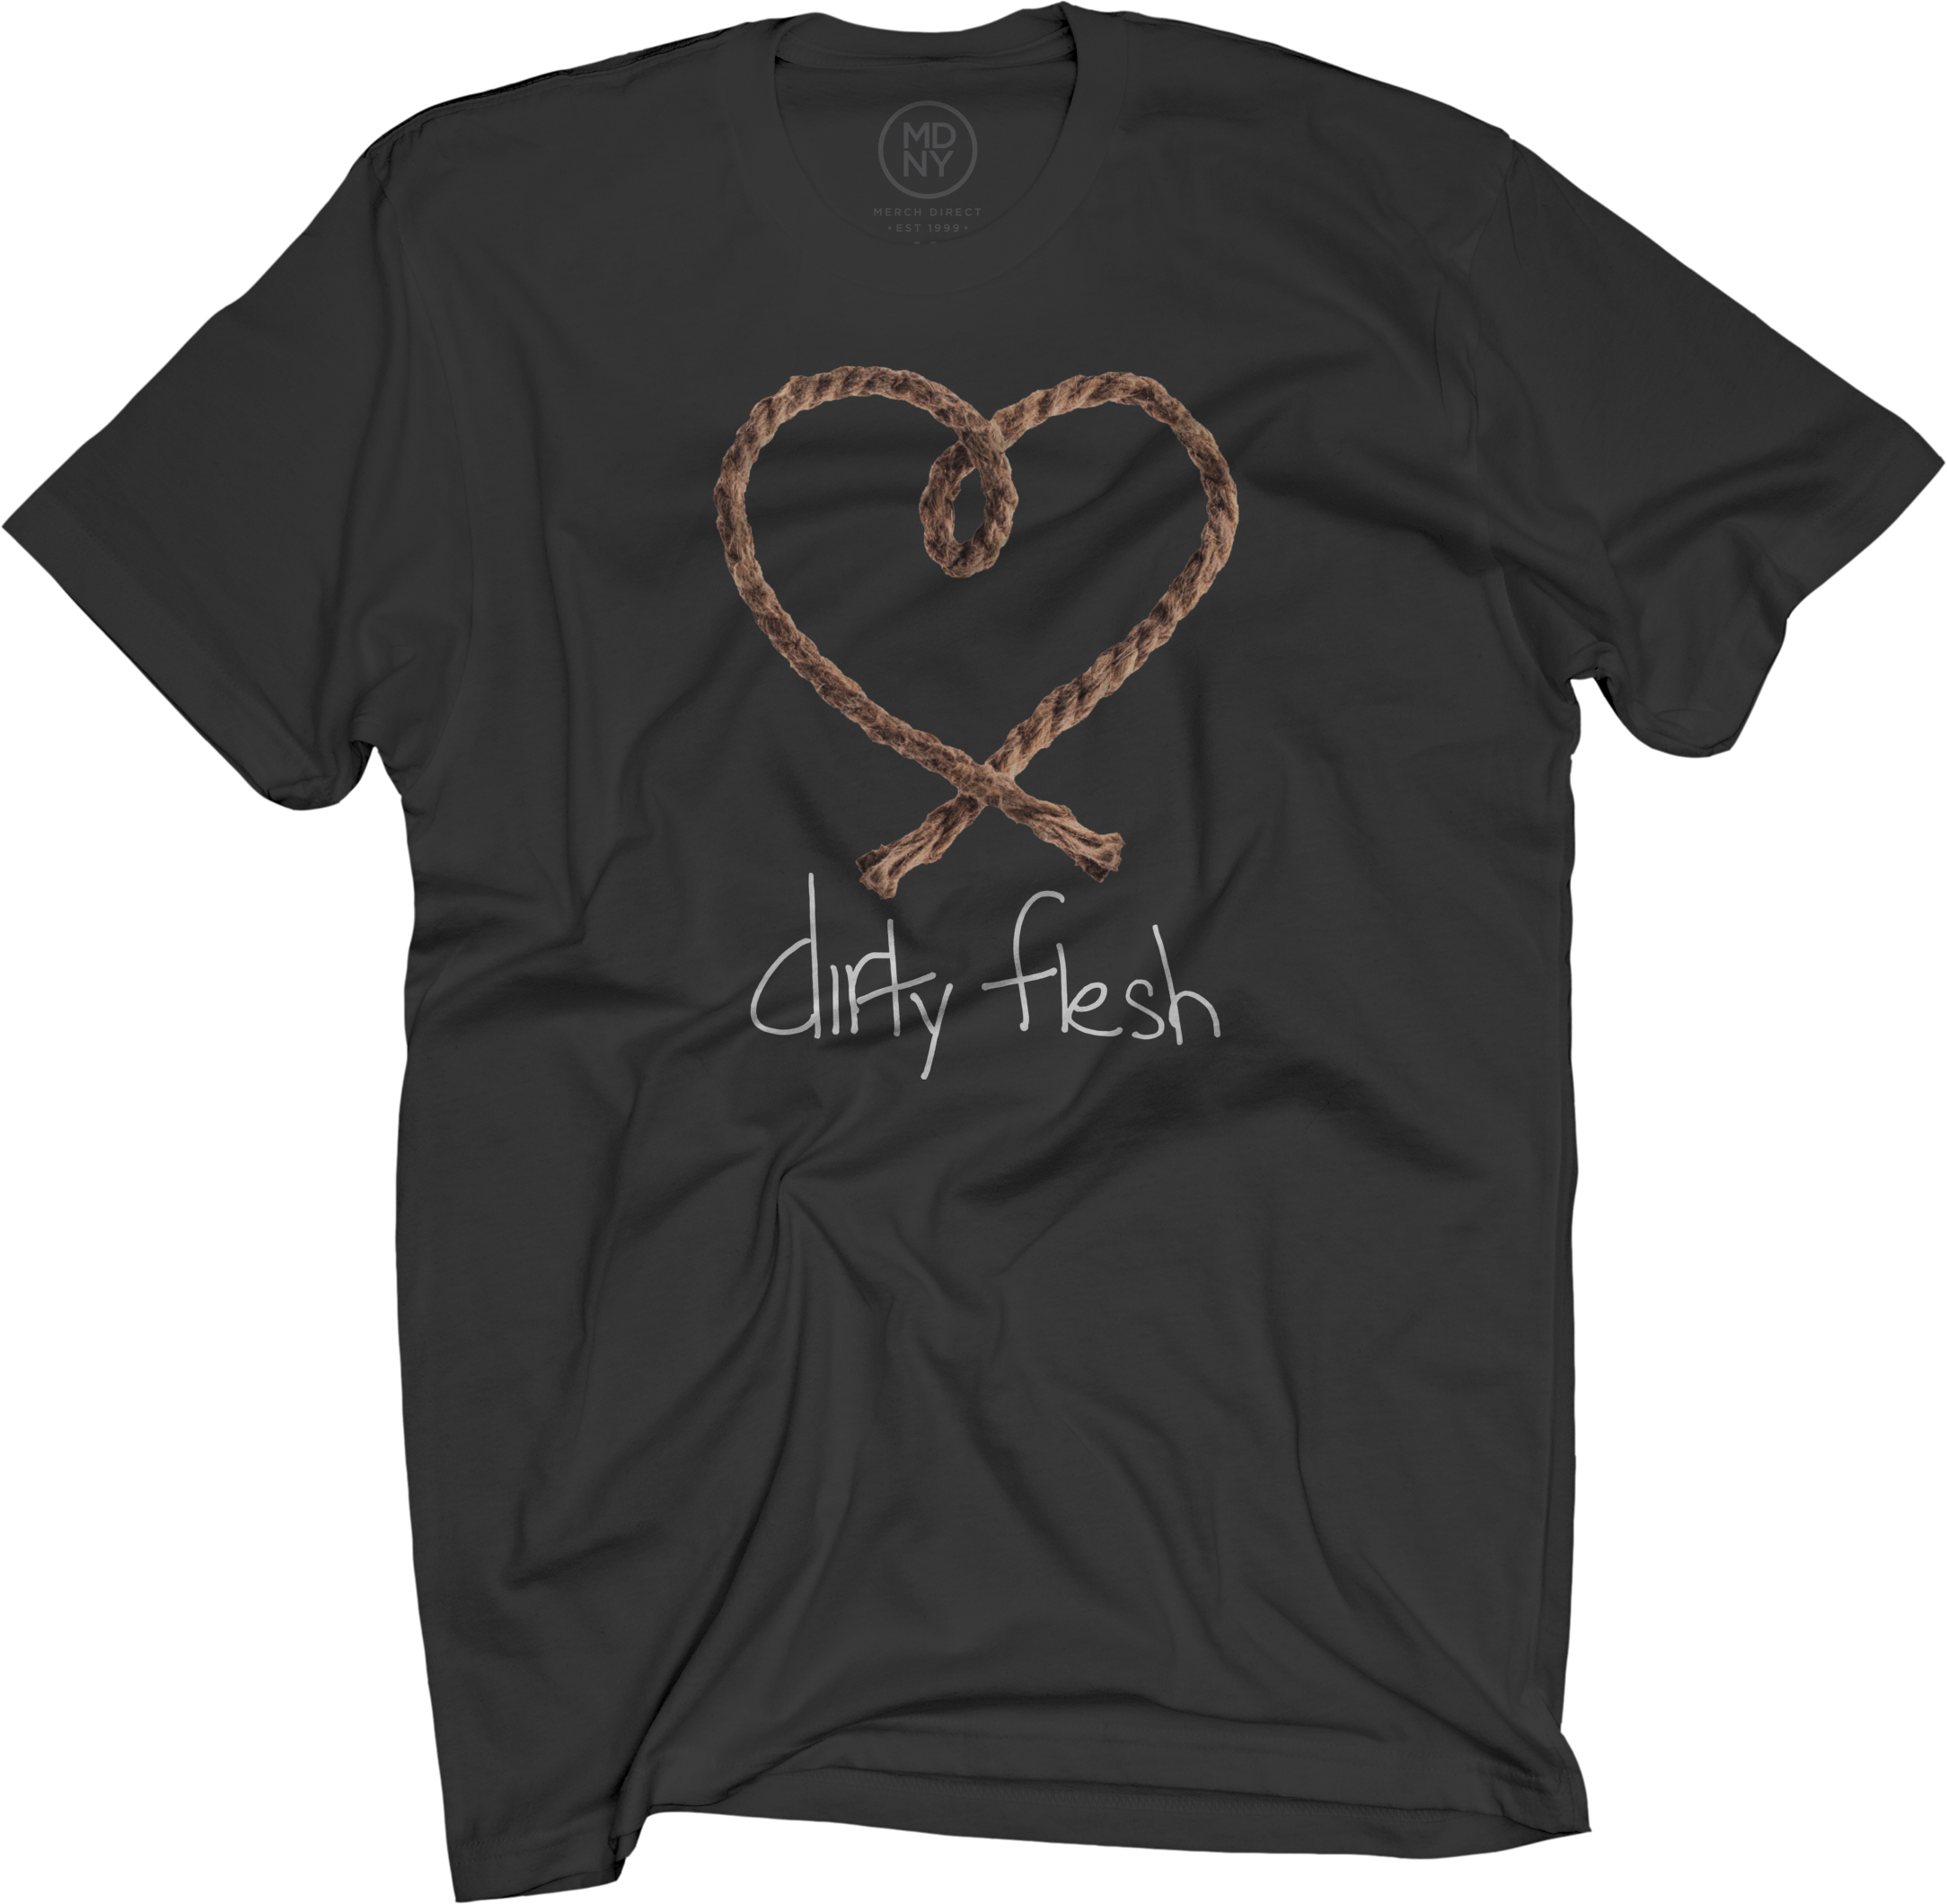 Dirty Flesh Black T-Shirt